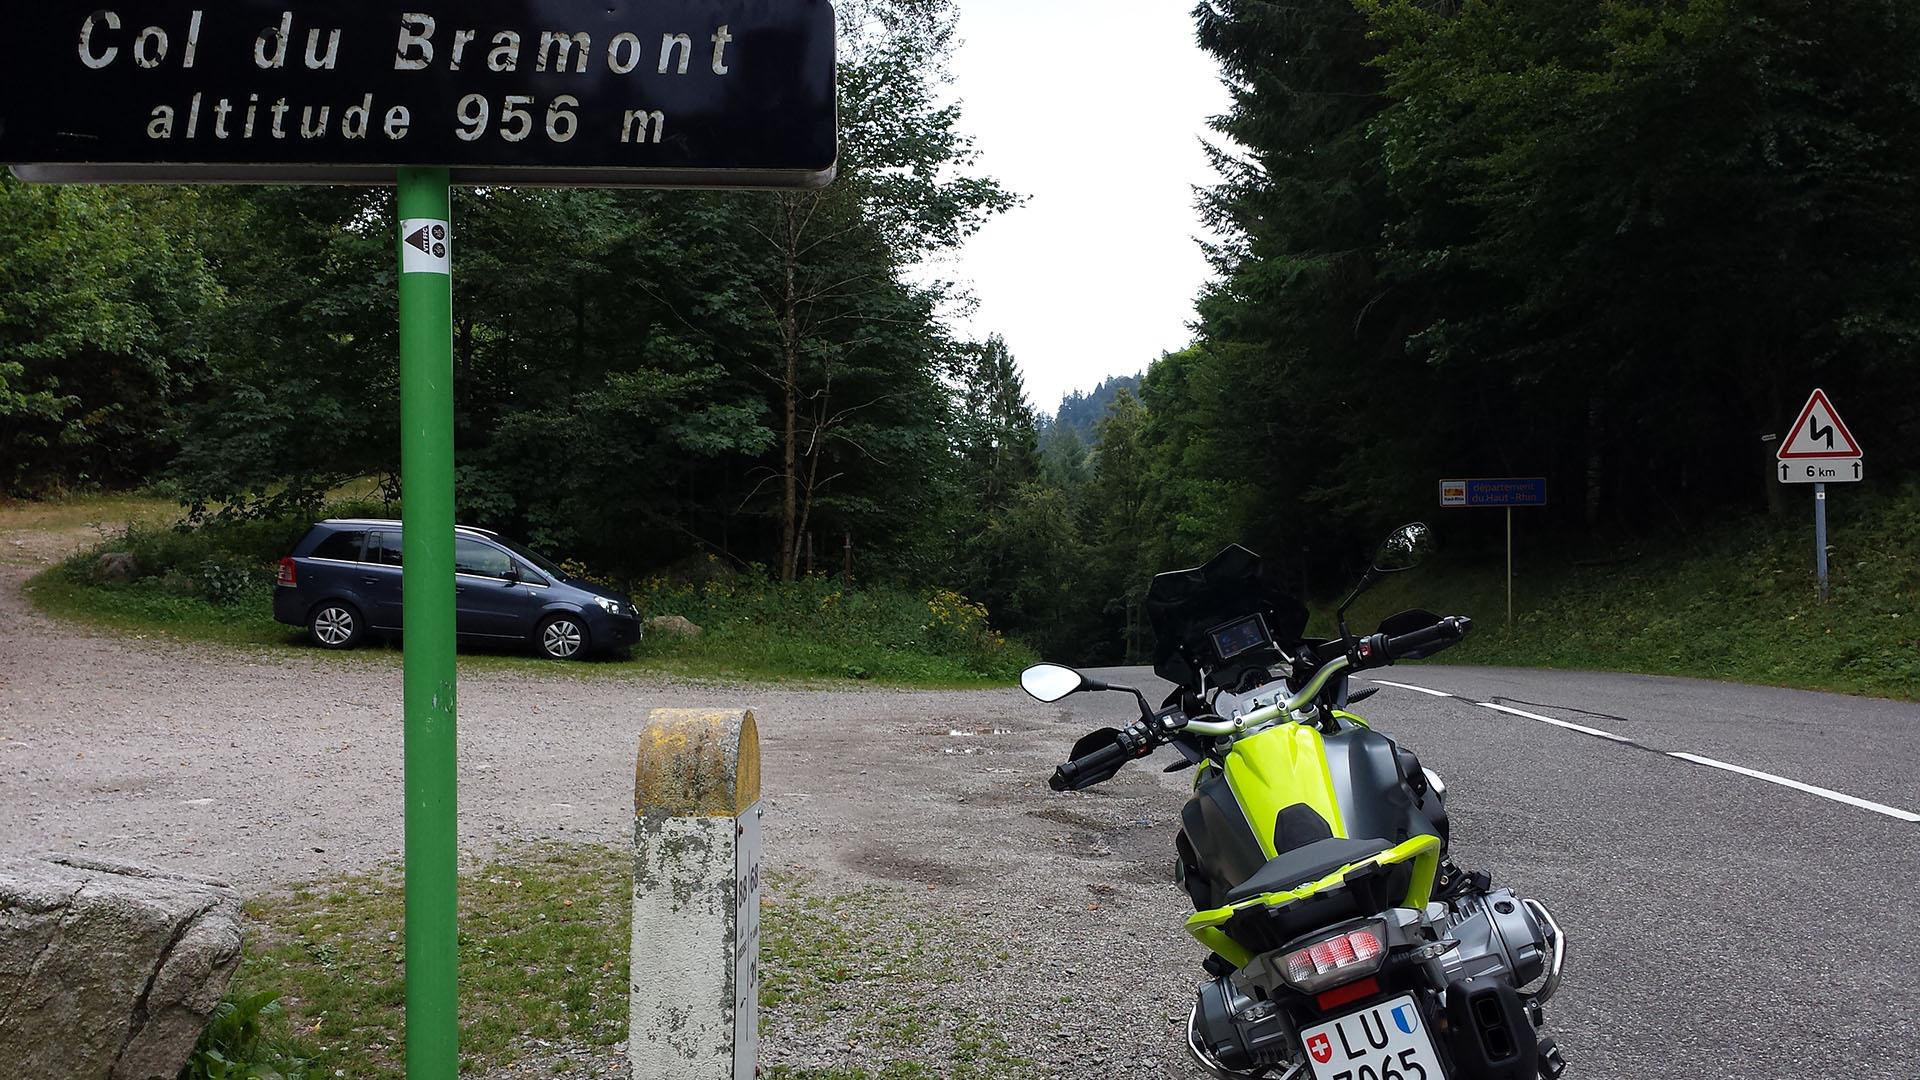 0956 - F - Col du Bramont